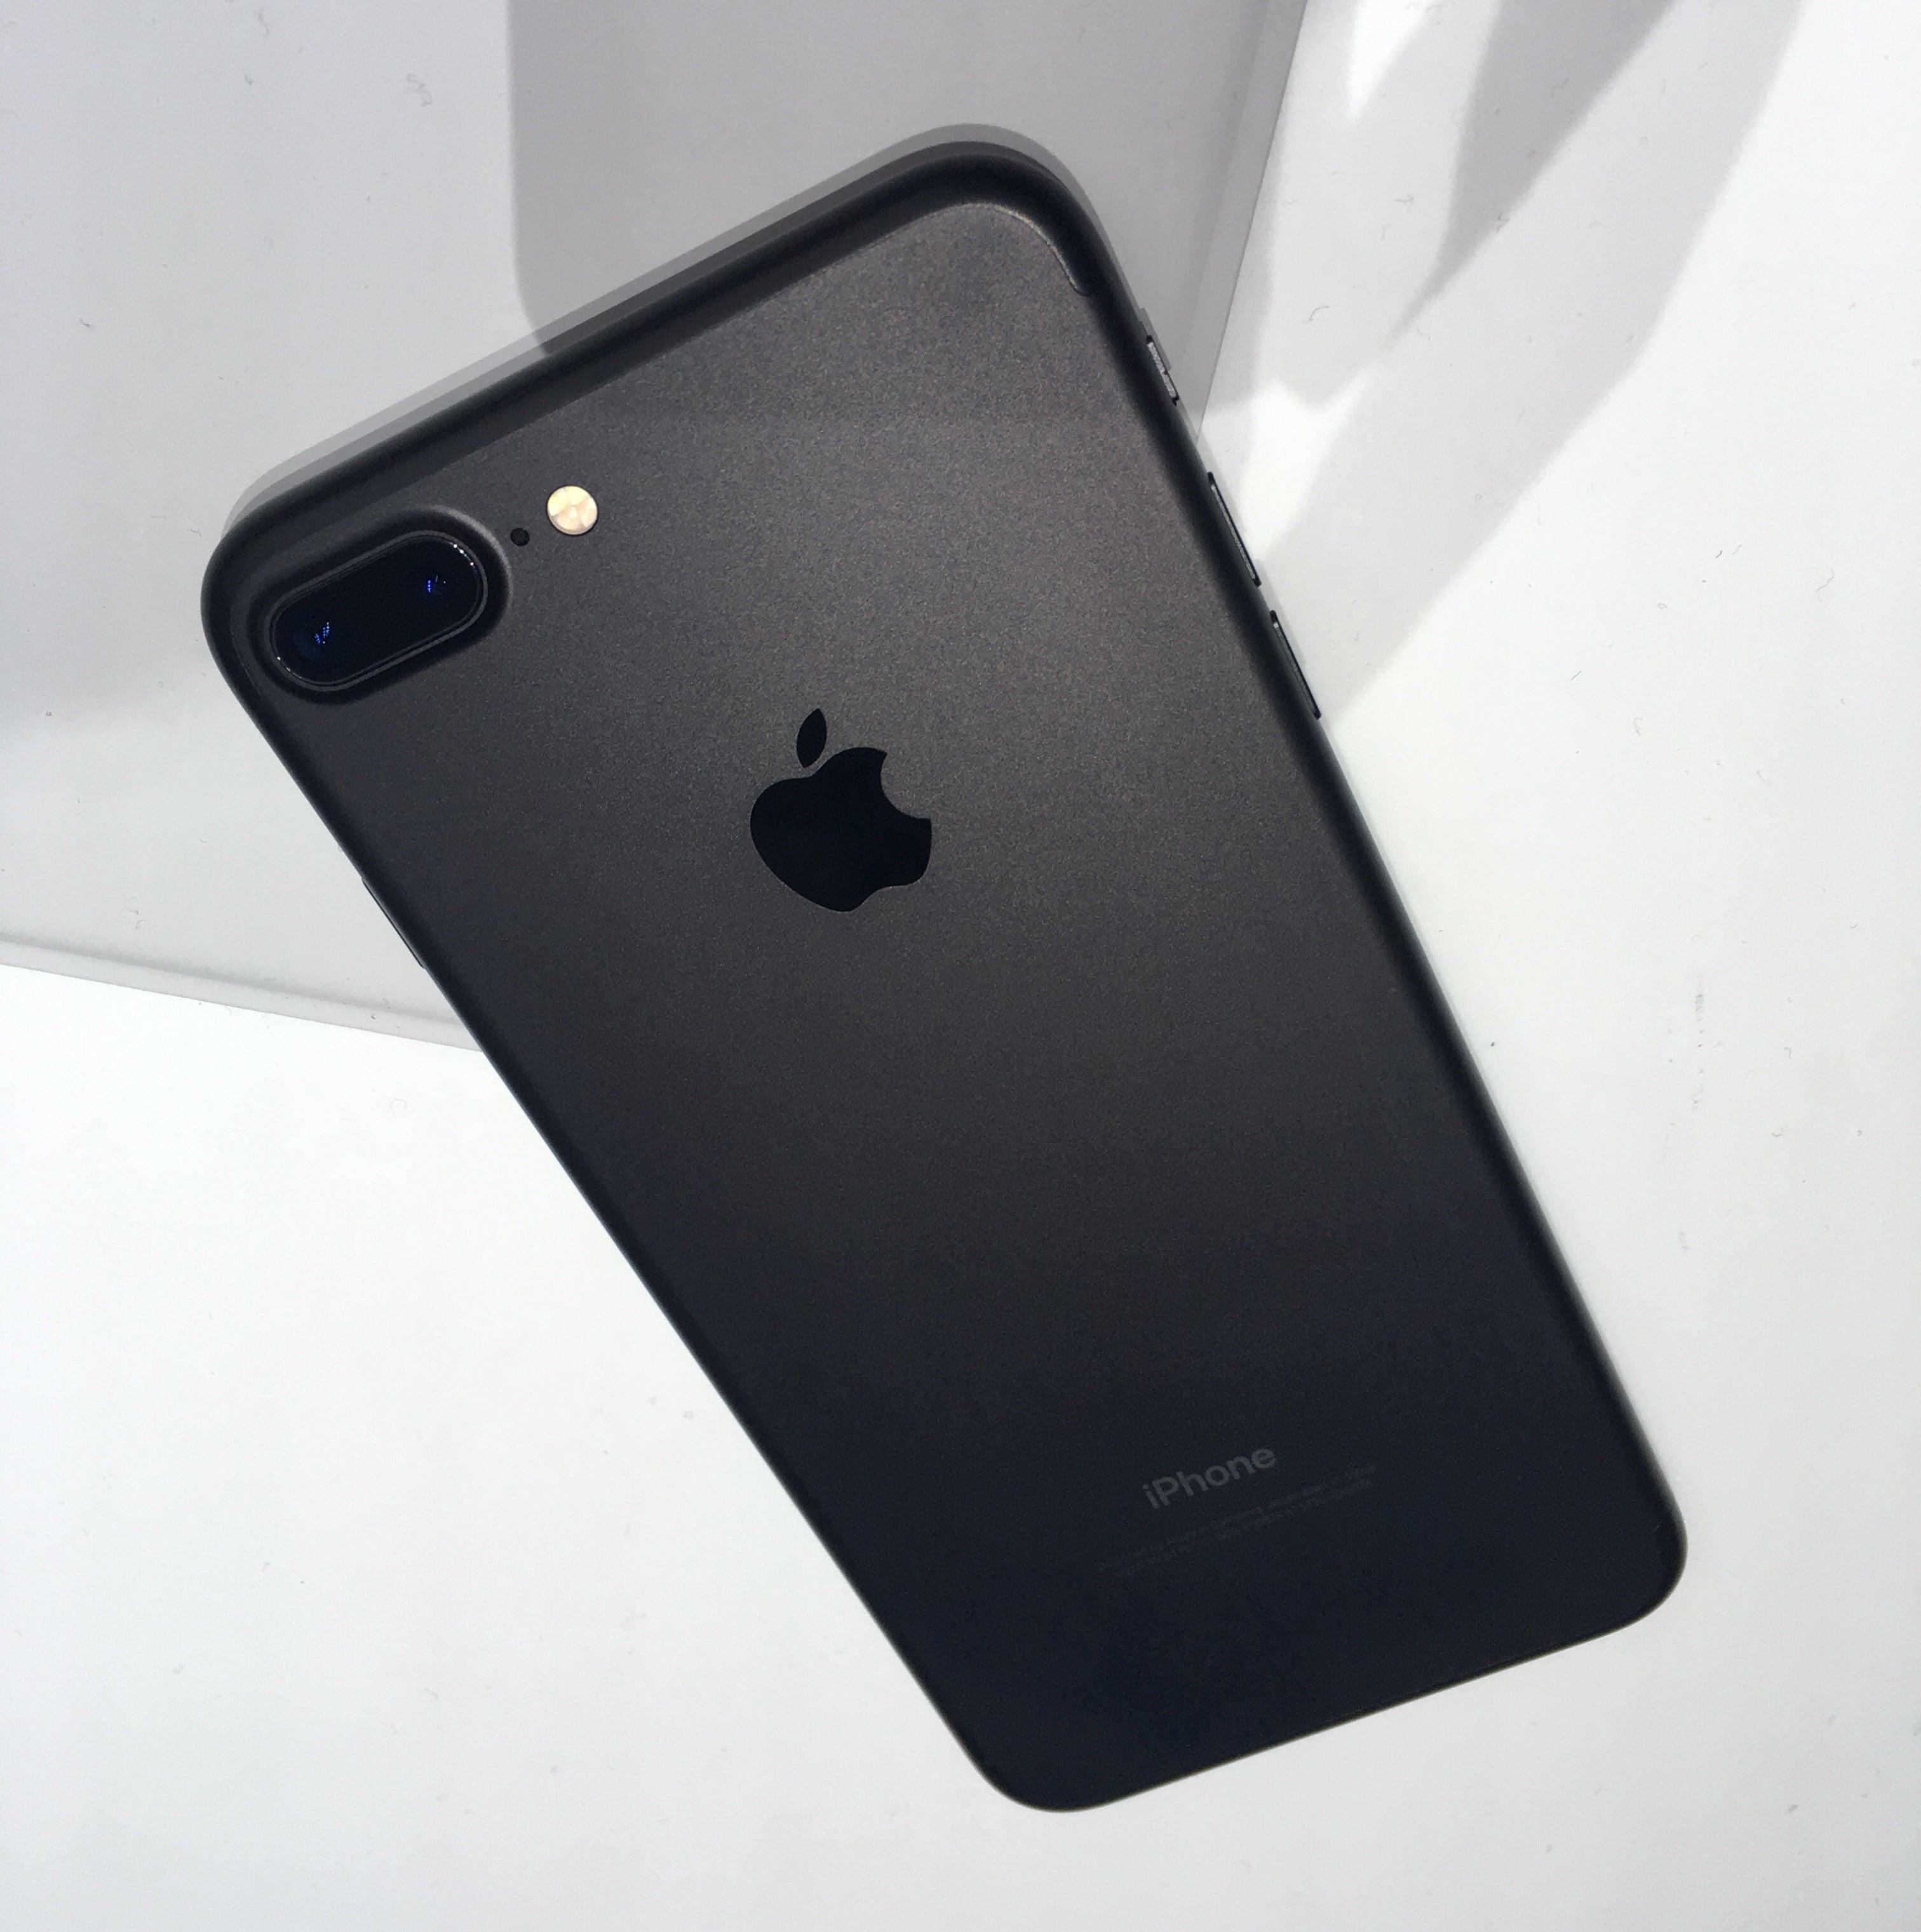 iphone 7 plus matte black front. Iphone7plus Rear Matte Iphone 7 Plus Black Front